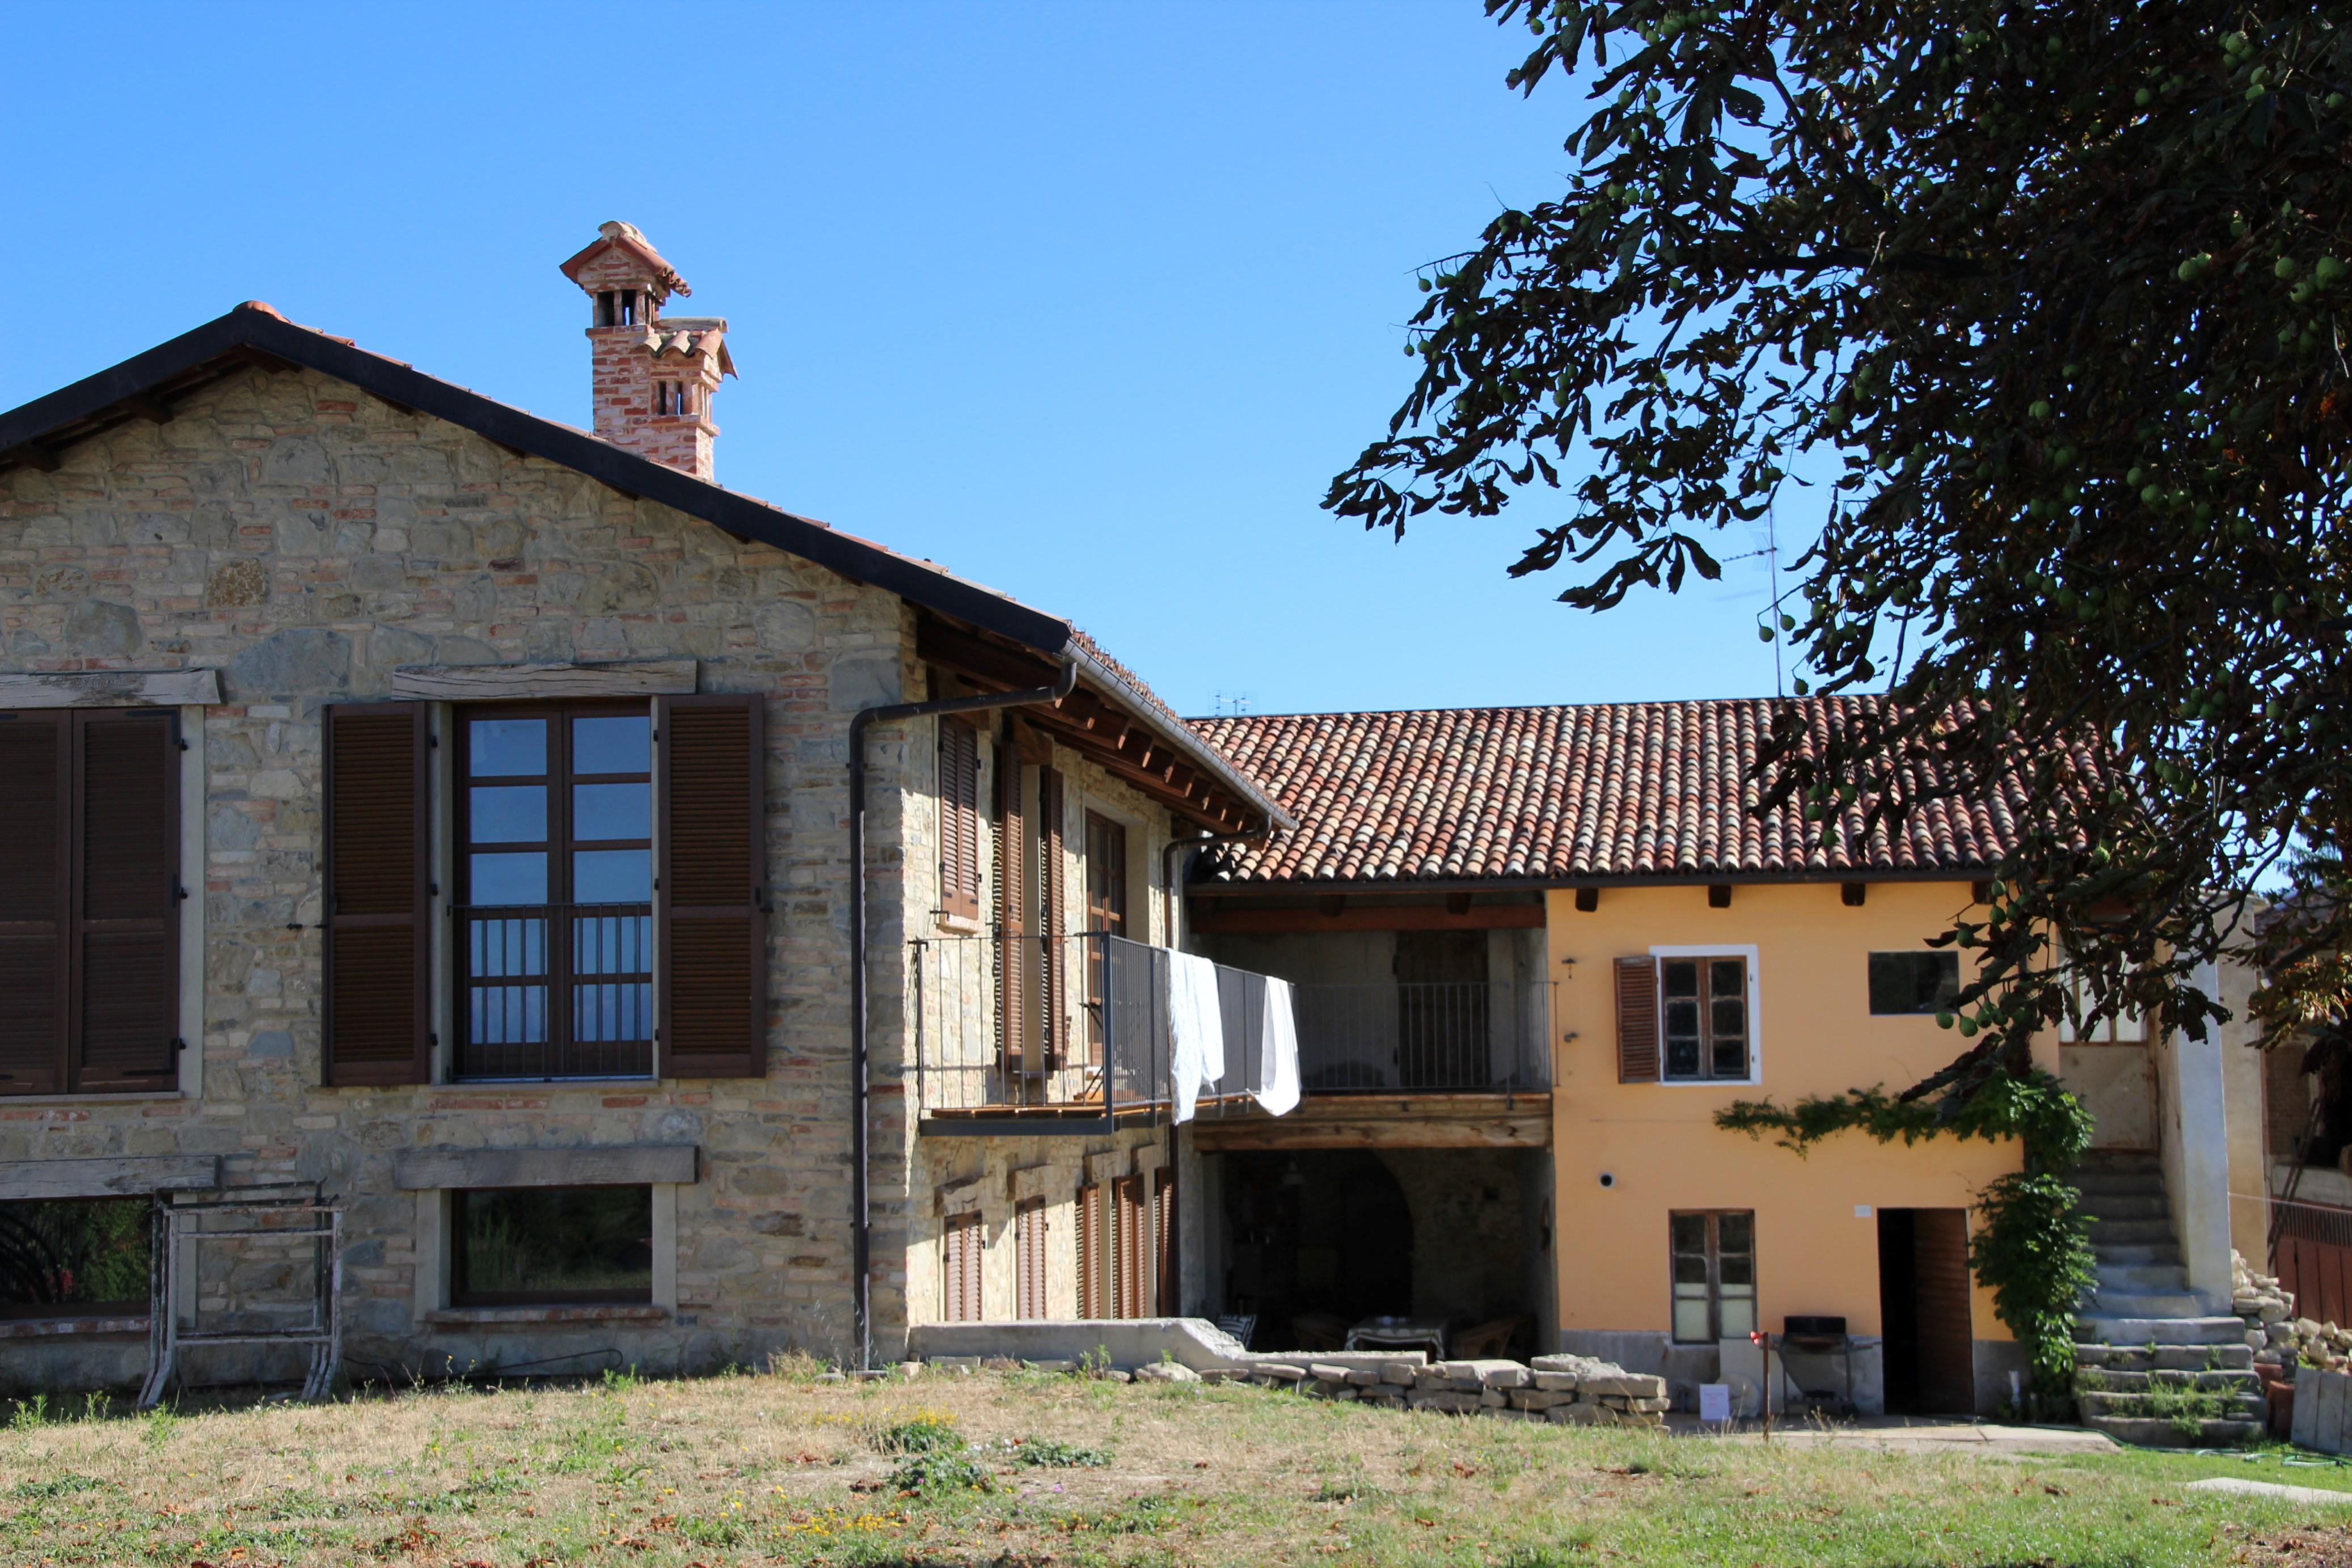 Husene set fra pynten